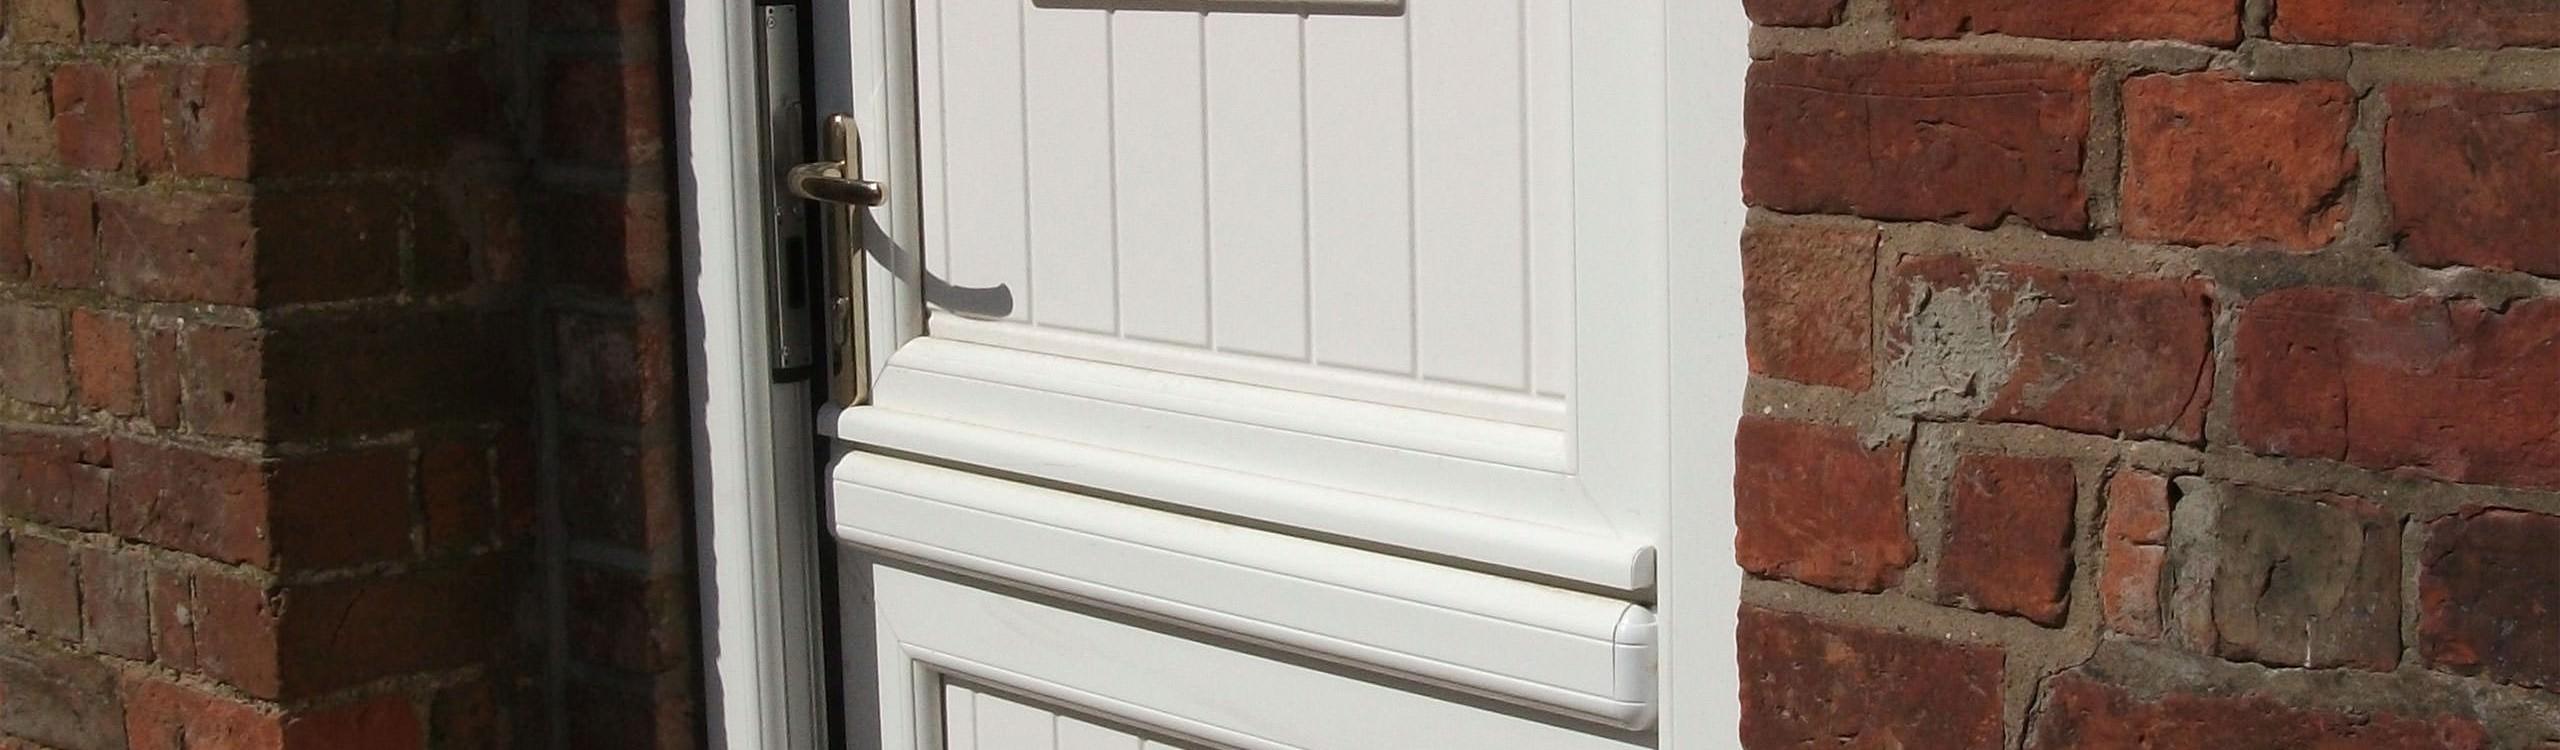 uPVC Doors prices ramsgate